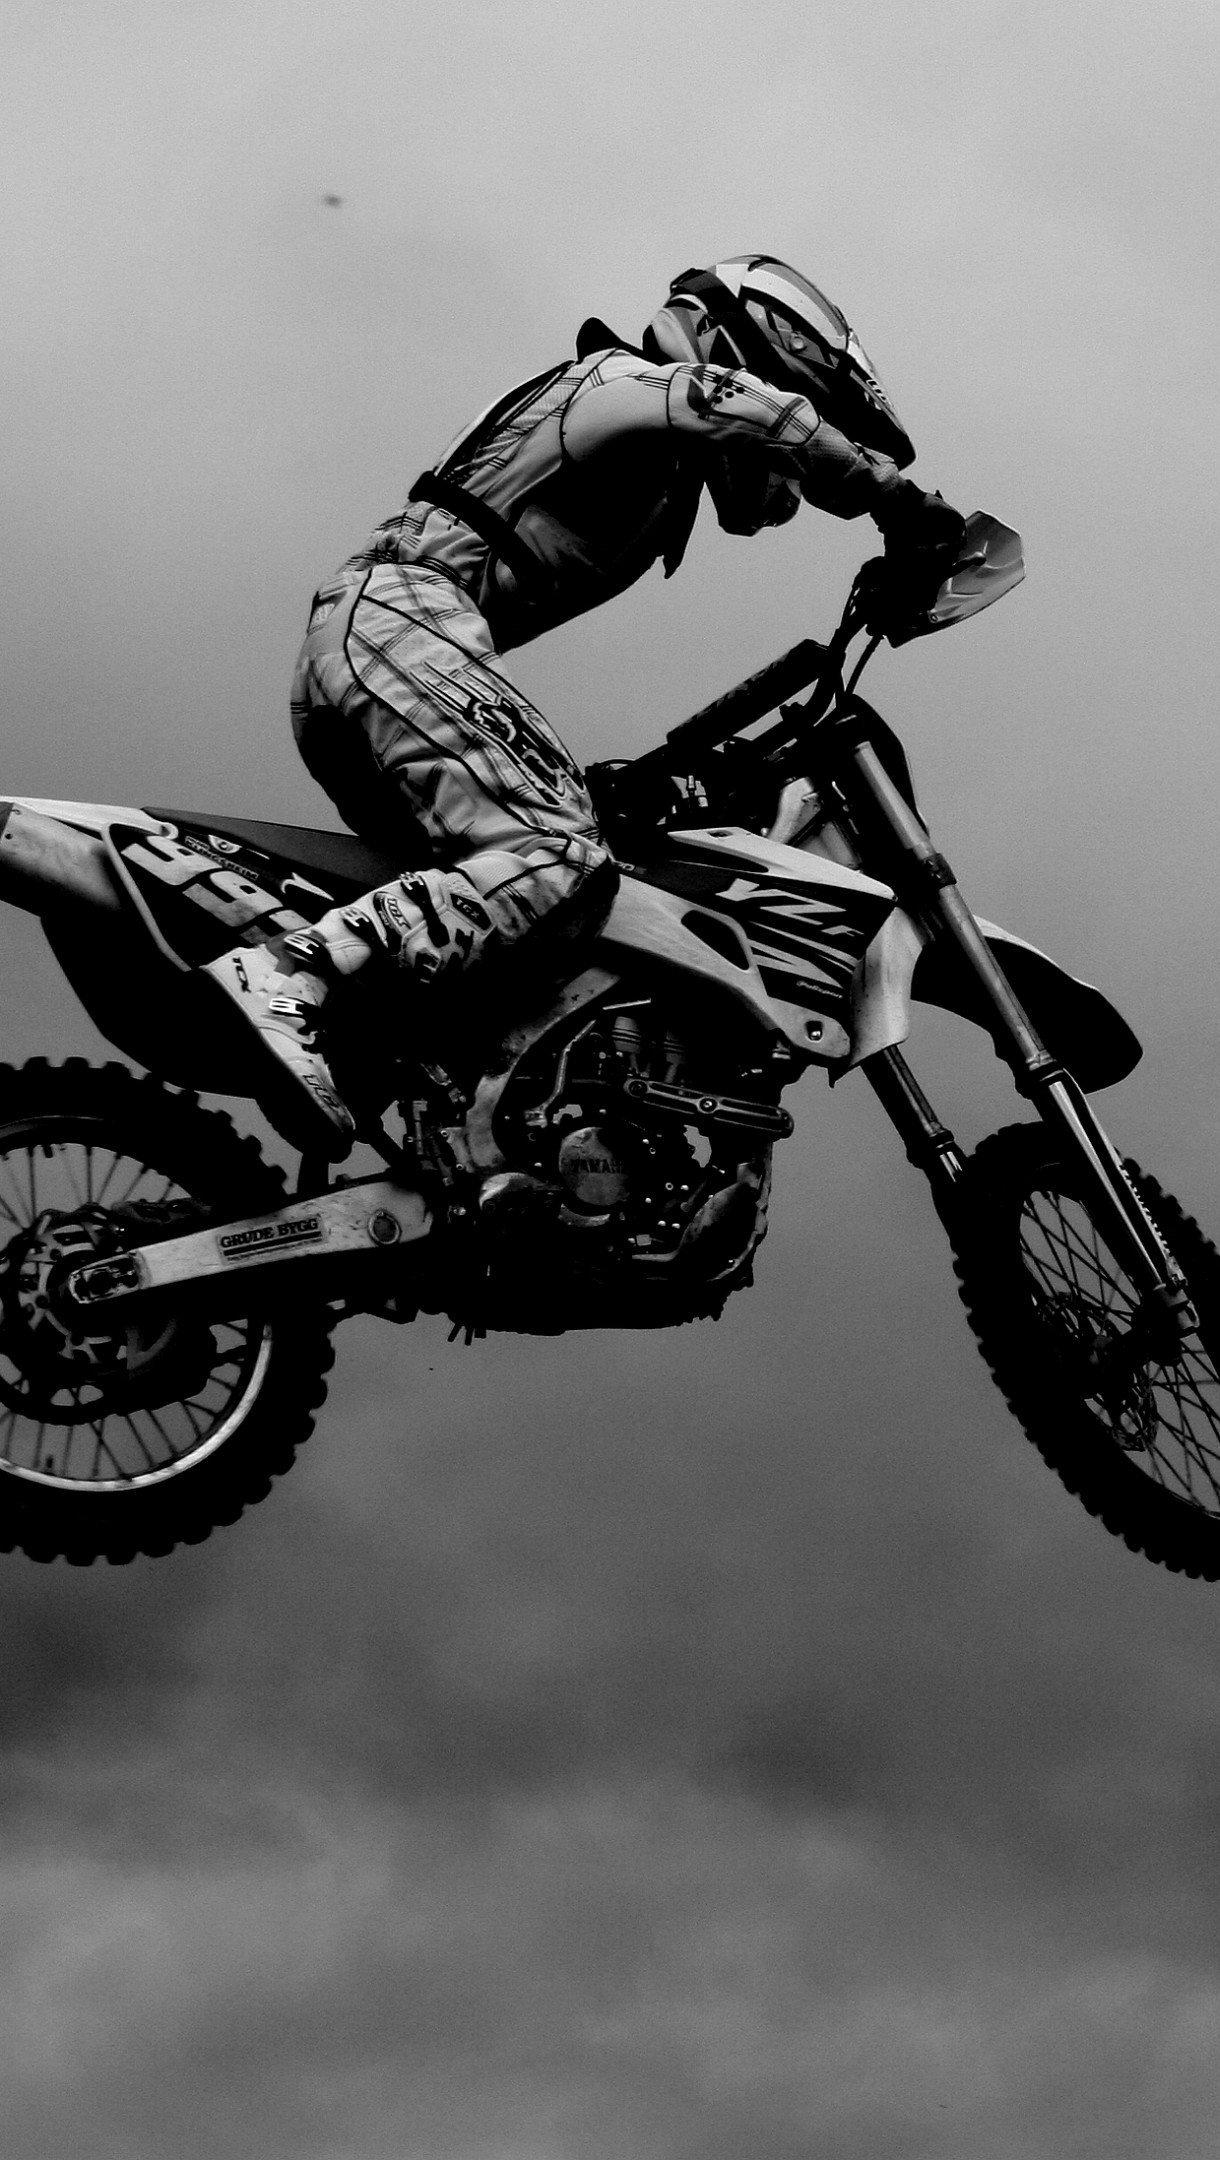 Fondos de pantalla Motocross Vertical